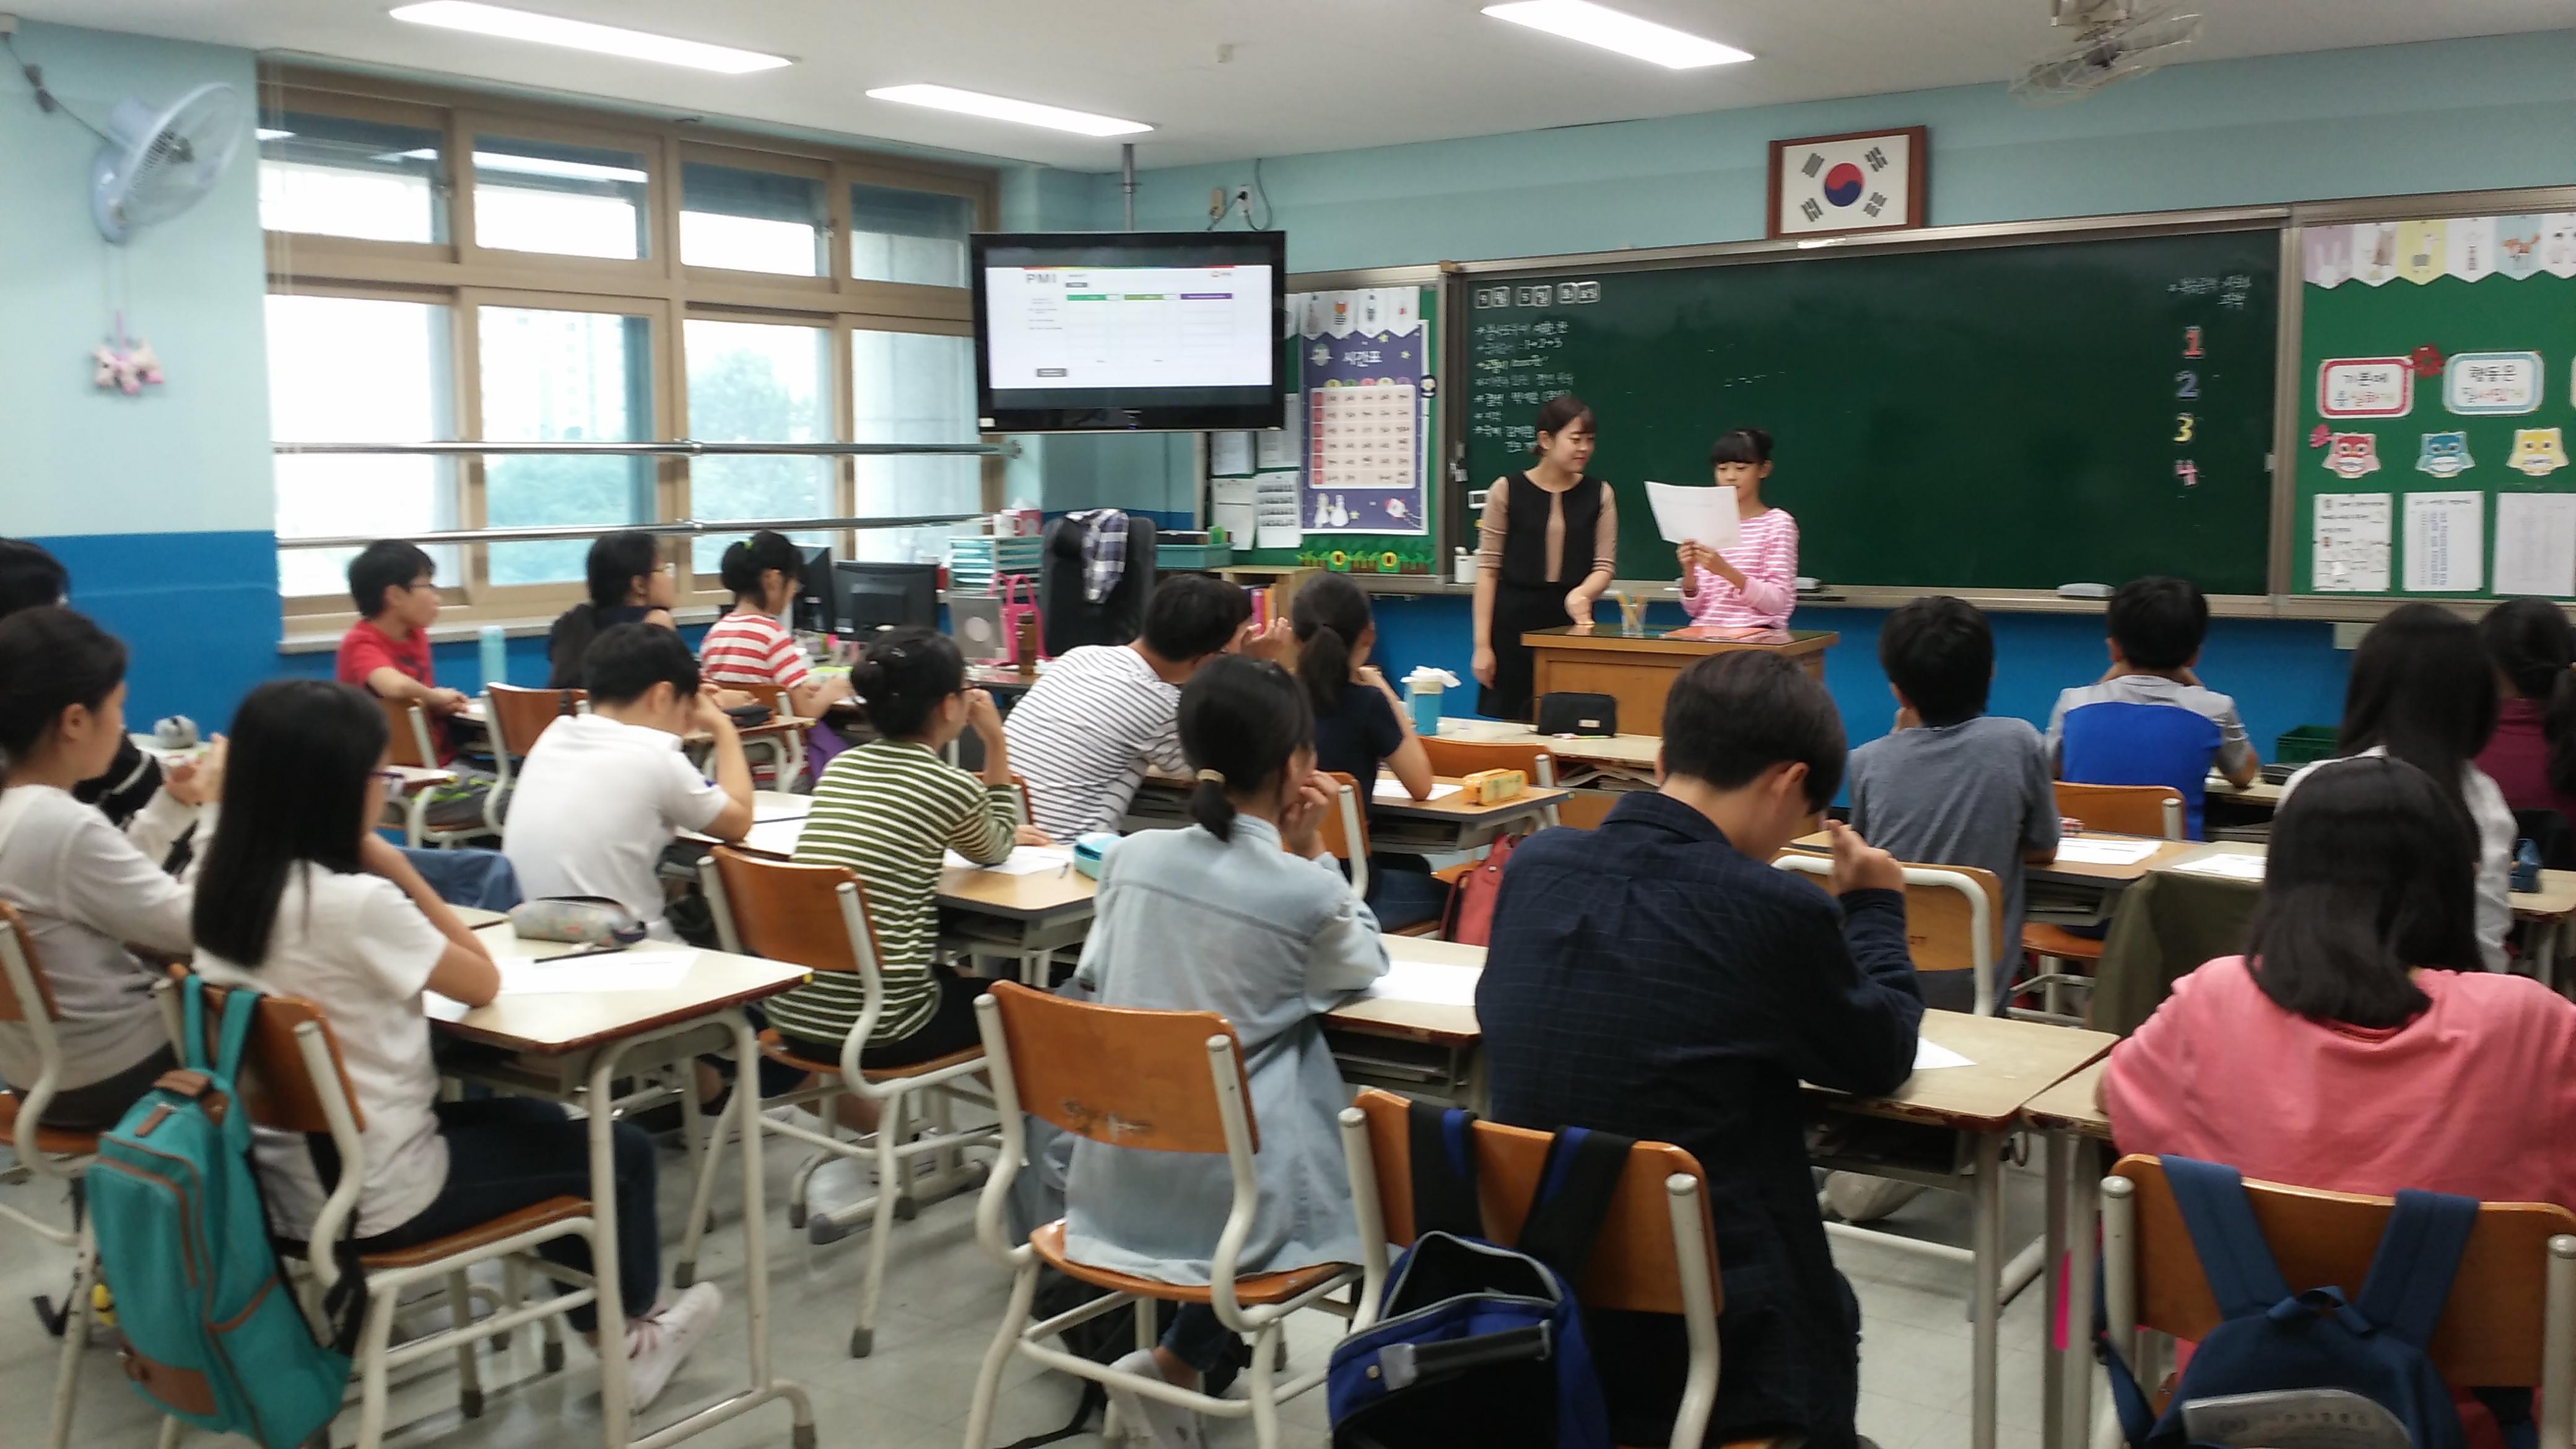 2017 09 05 아현초 공유경제씨앗학교 사진01